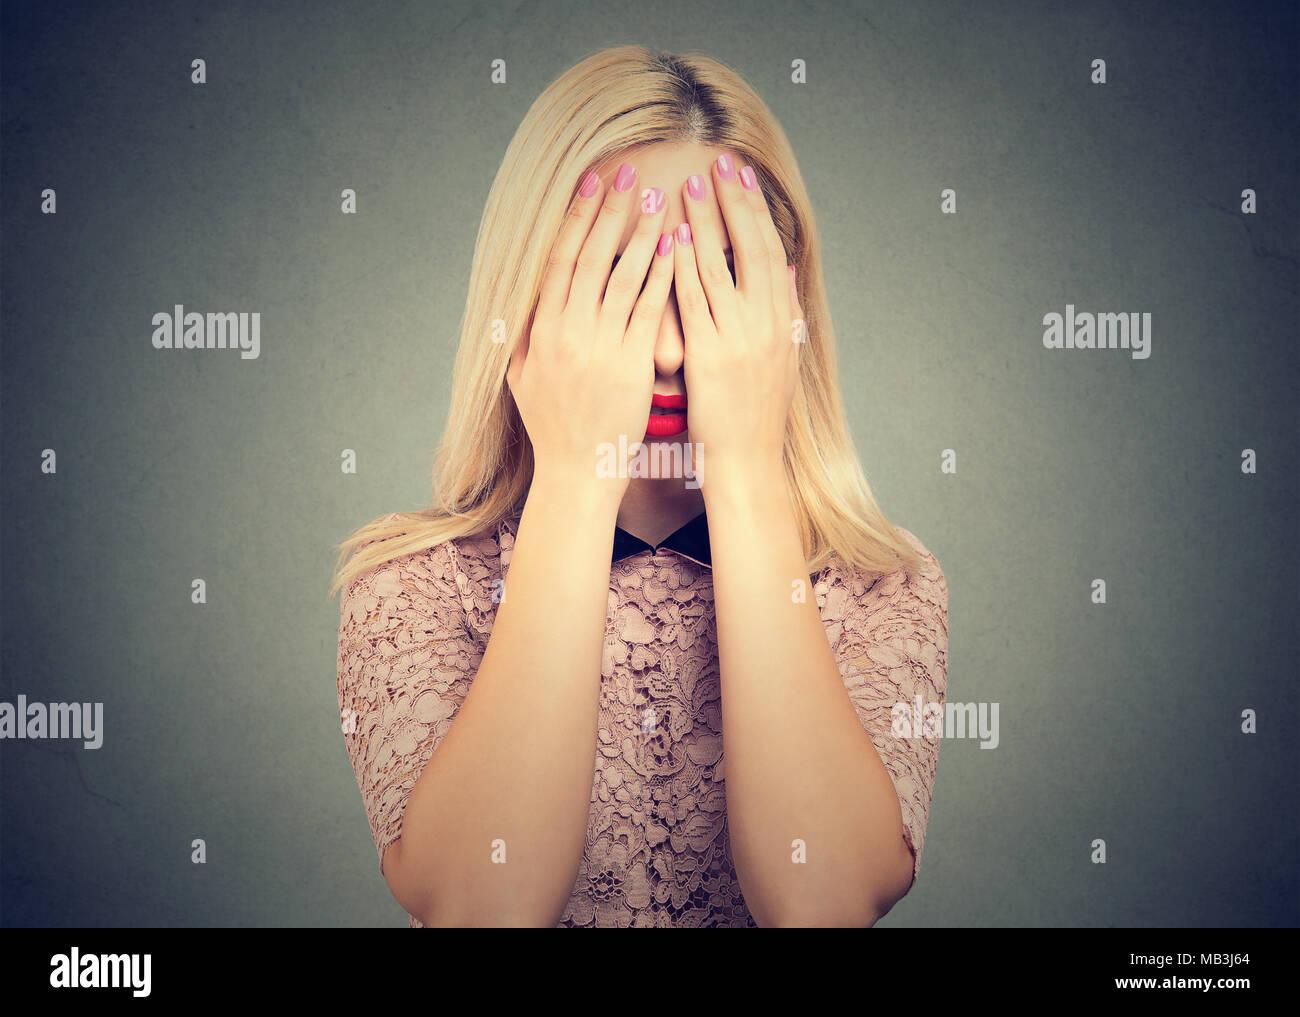 Anonym blonde Mädchen verstecken Augen, während sie mit den Händen stehend auf grauen Hintergrund. Stockbild